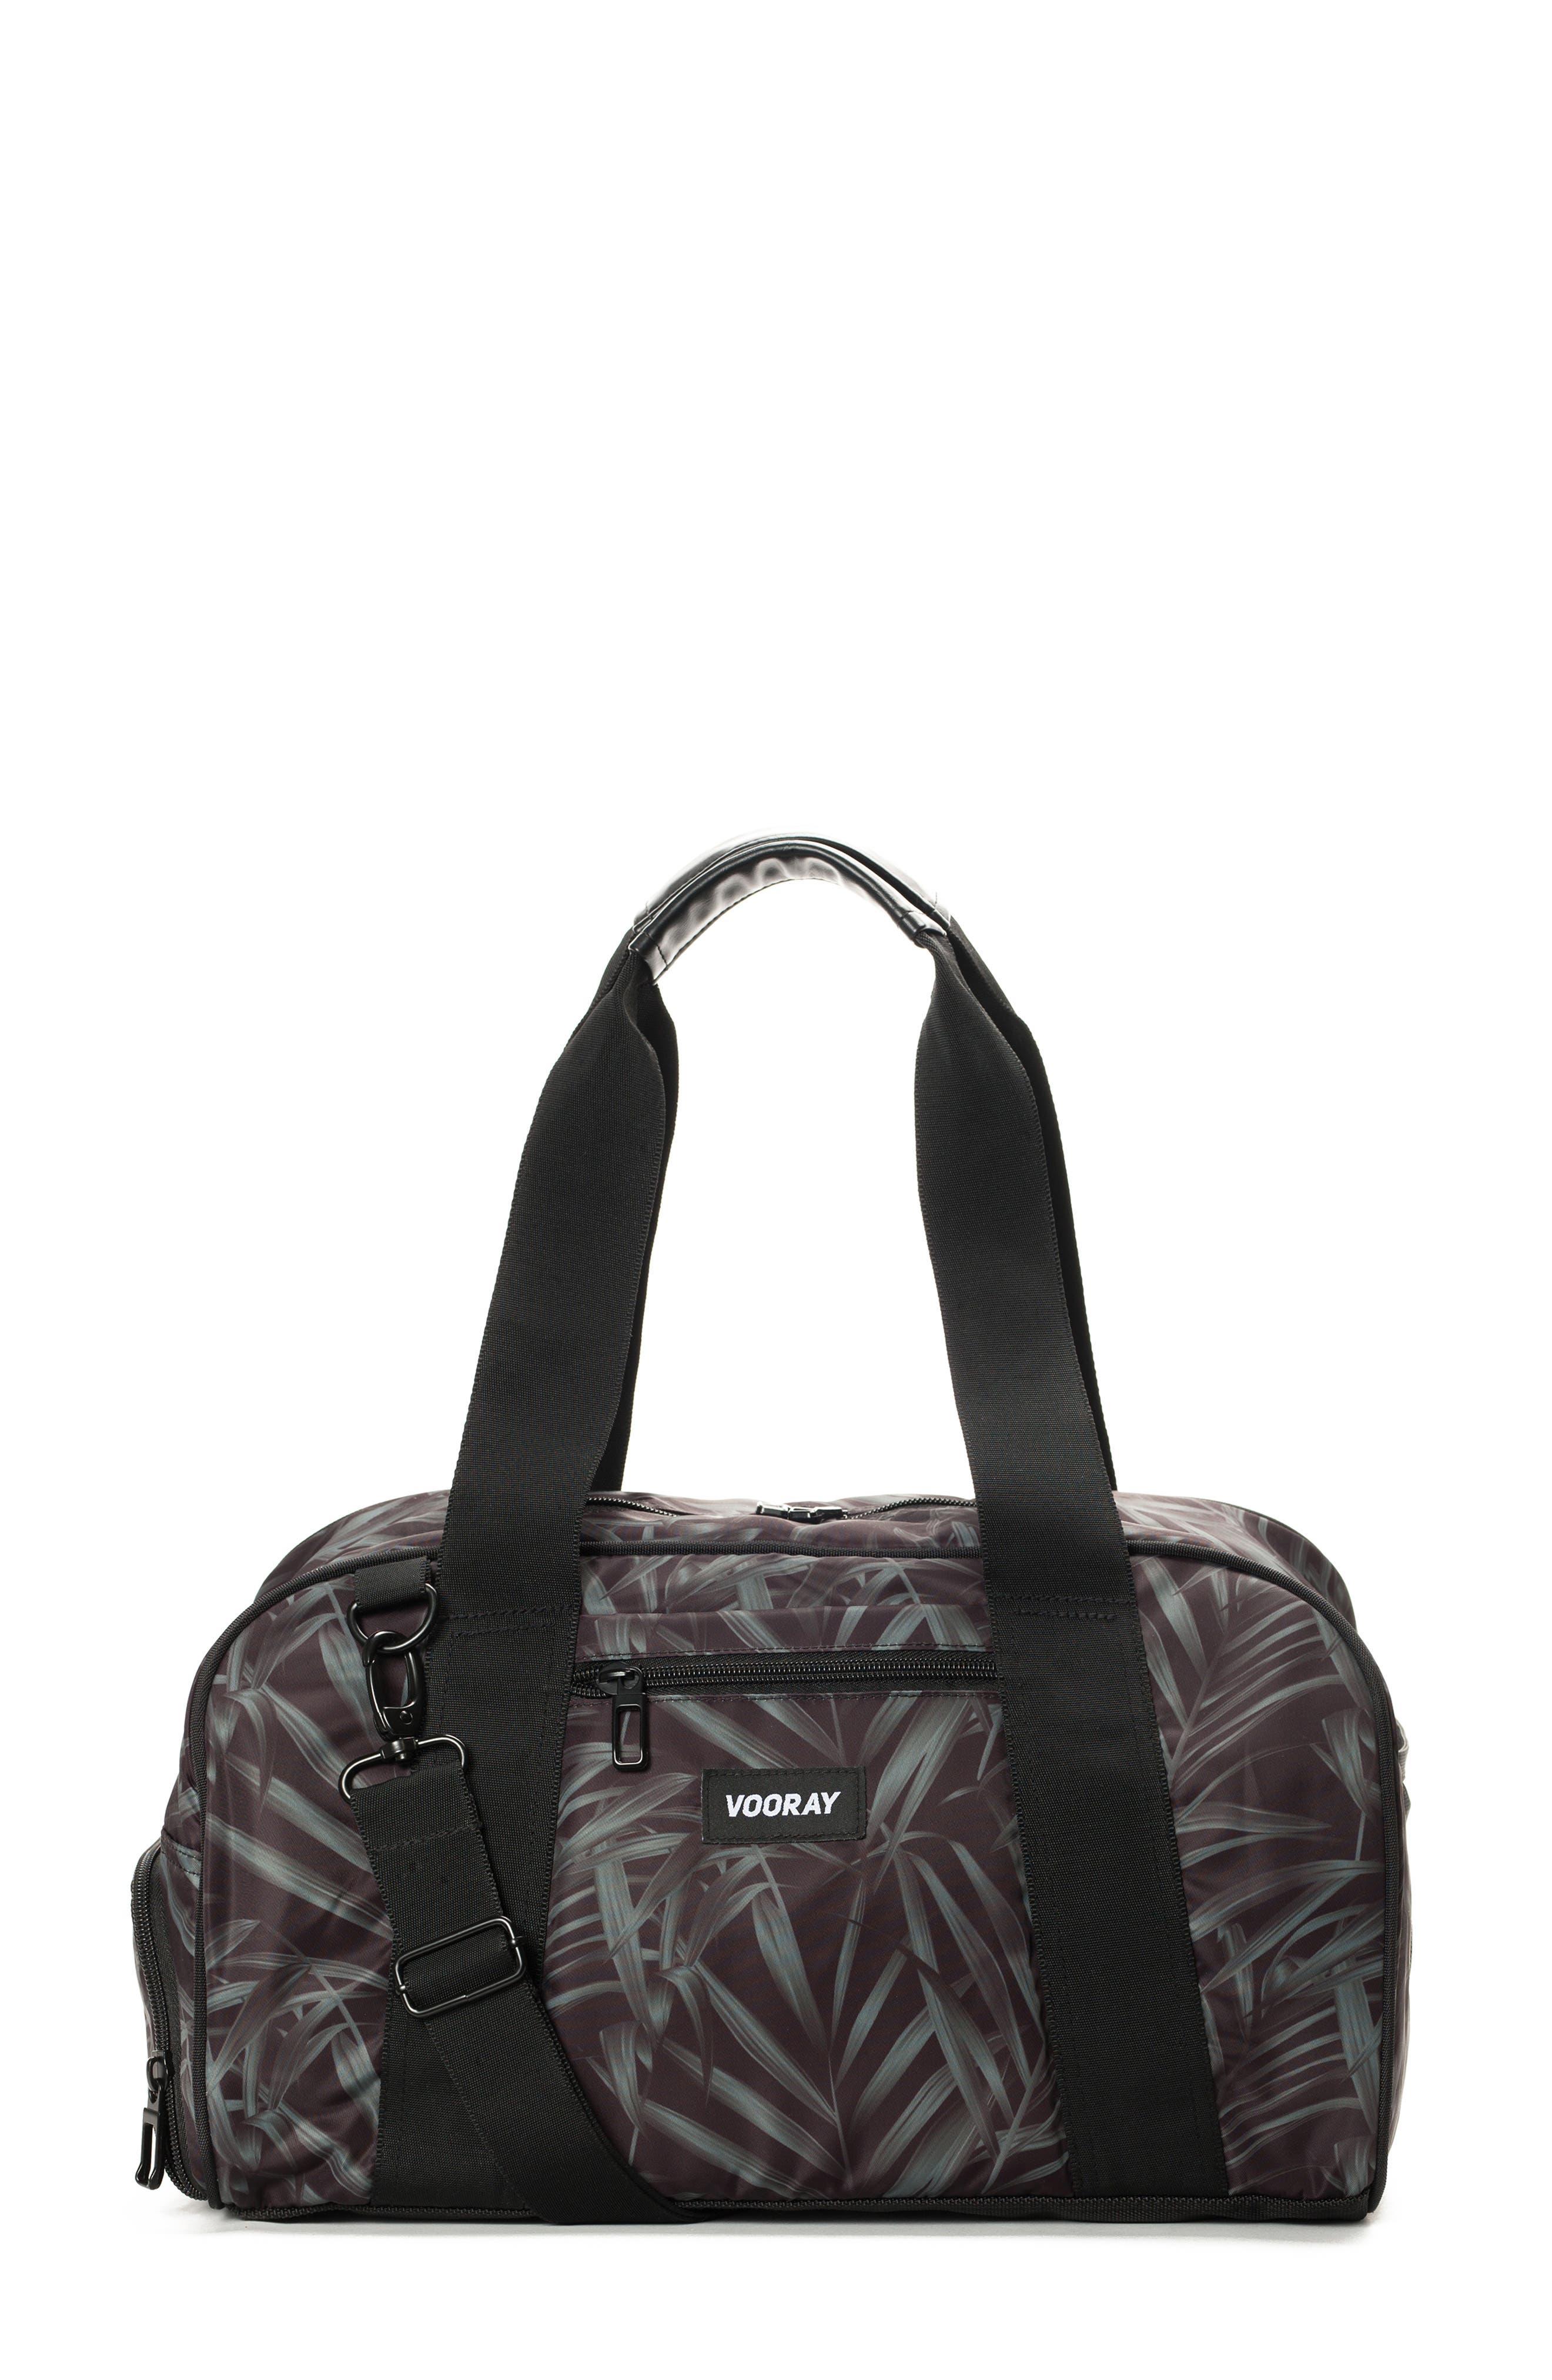 Burner Gym Bag,                         Main,                         color, TROPICAL FOLIAGE